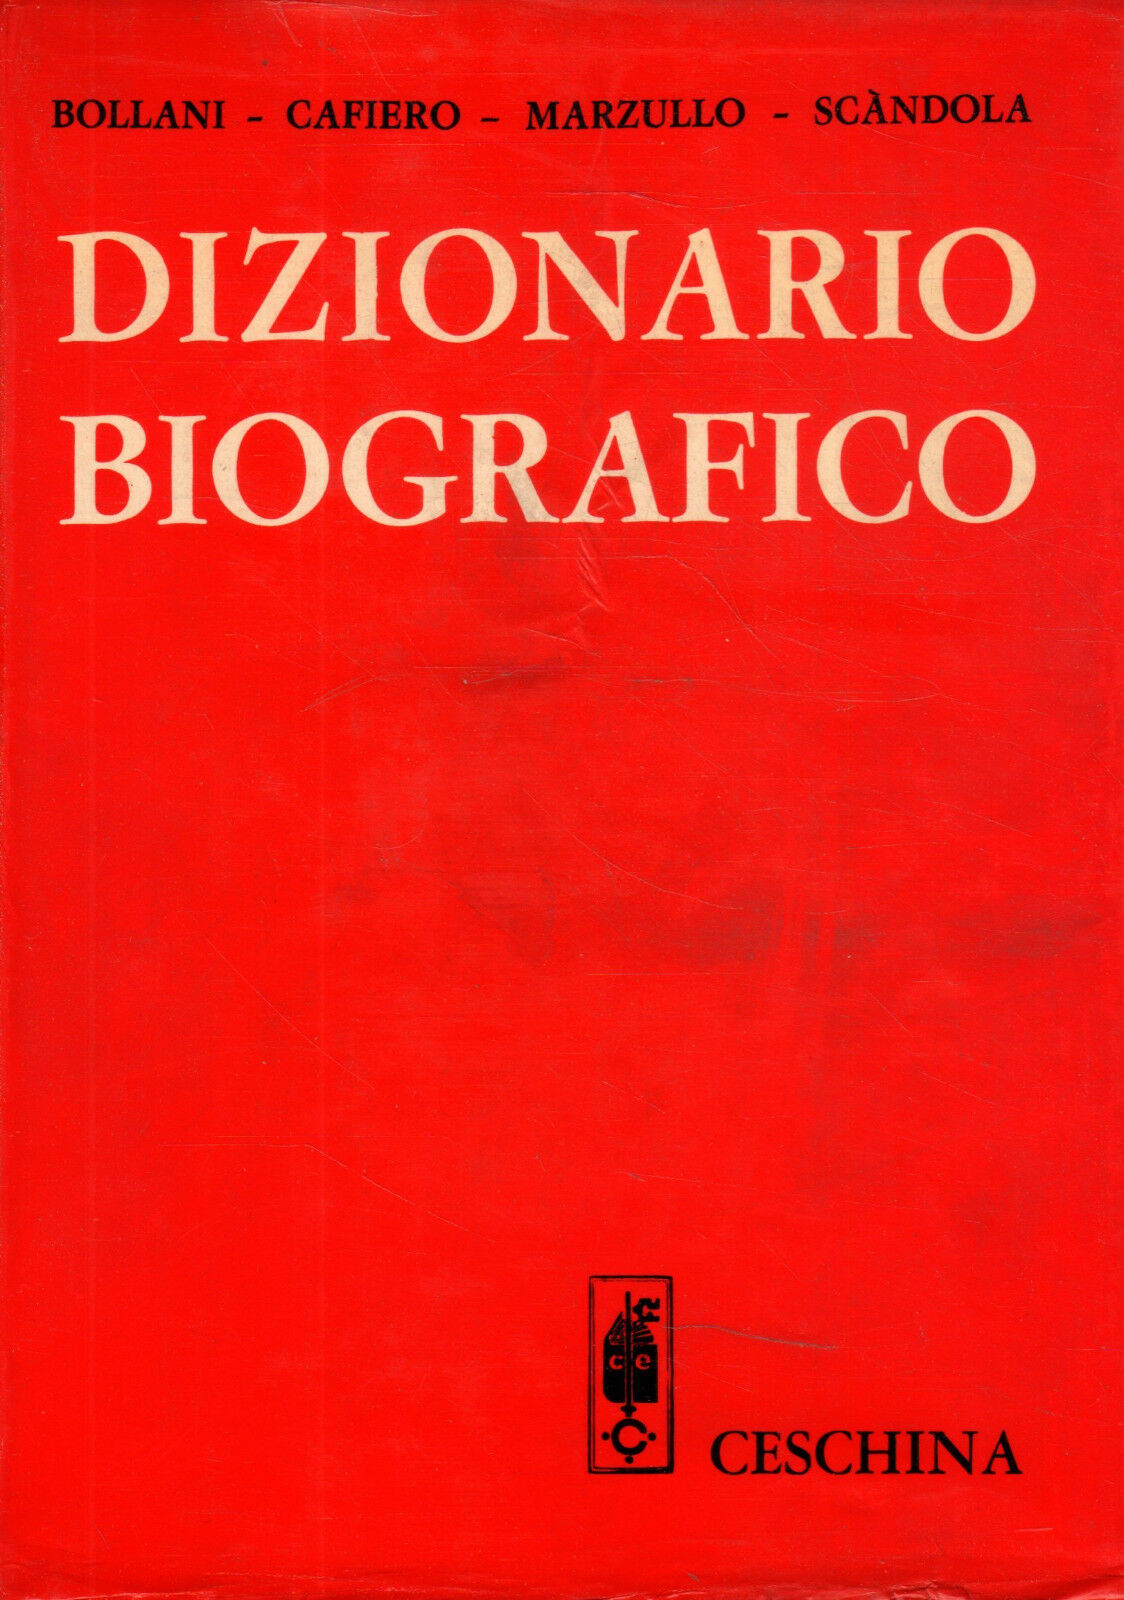 """Il """"Dizionario Biografico"""" della Ceschina che presi alla Libreria Cesaretti"""